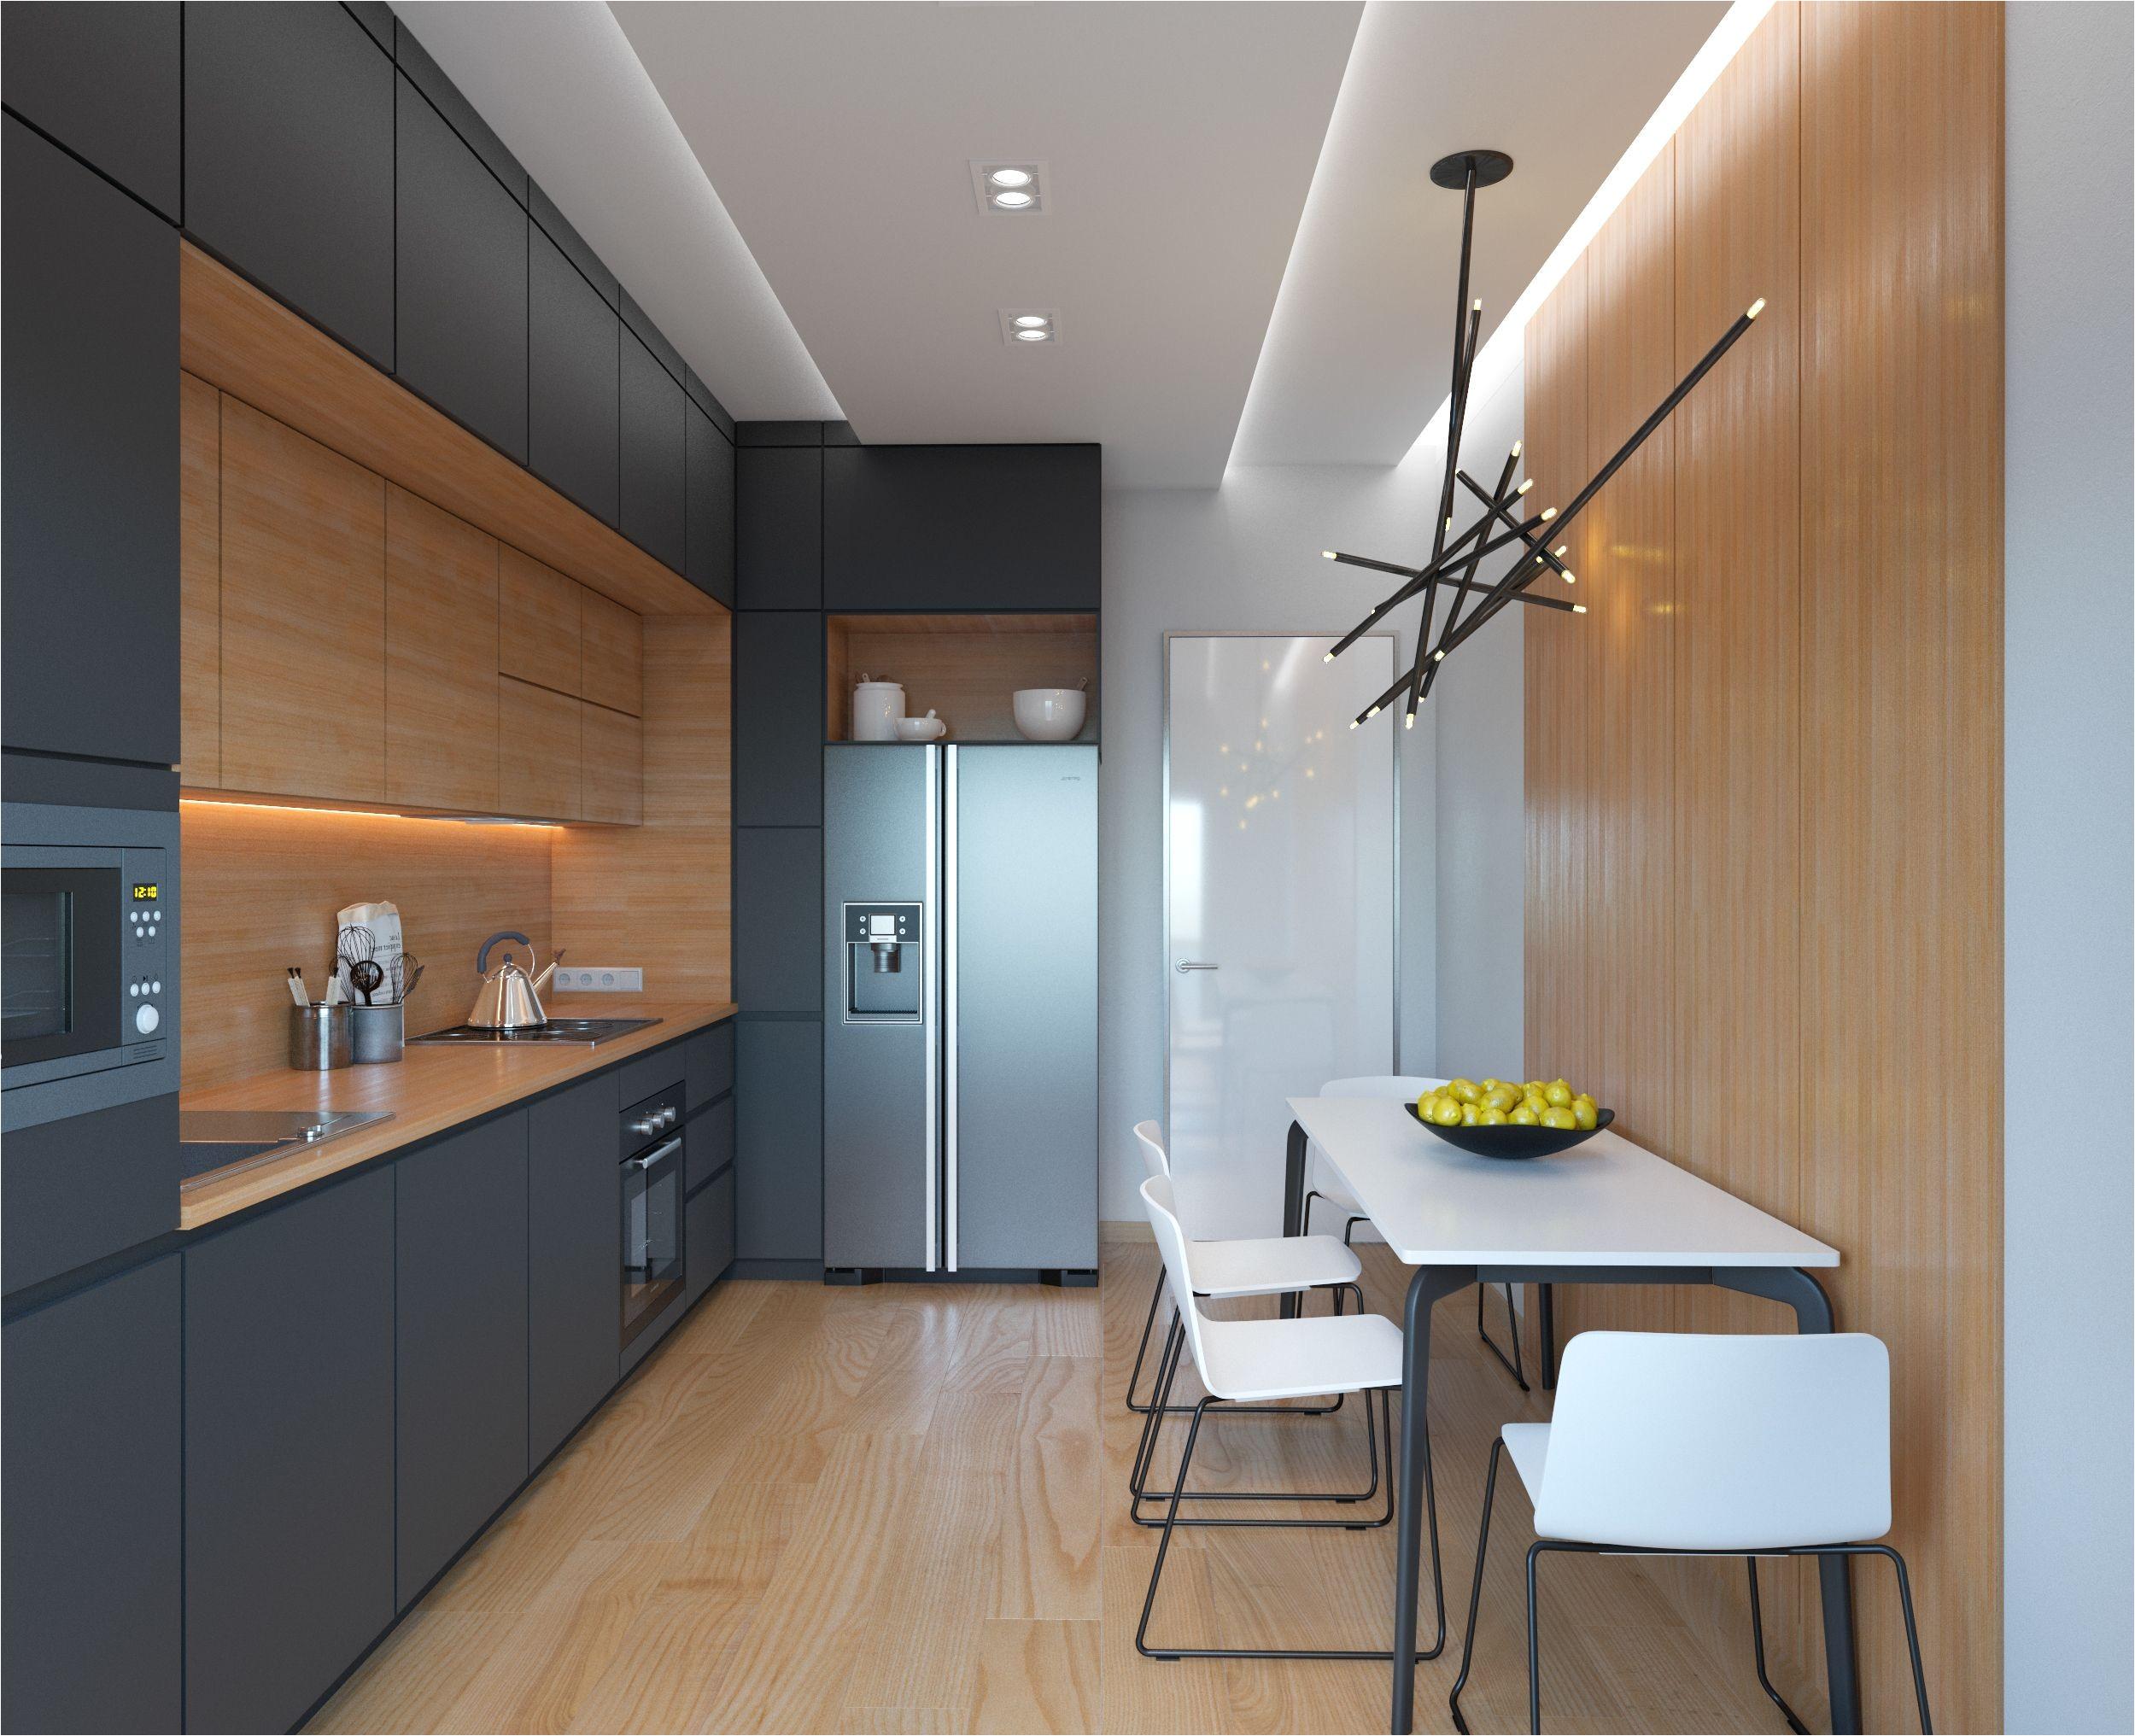 ideas de decoracion de cocinas diseno de cocinas fotos casas modernas ideas para decorar with cocinas de lujo modernas